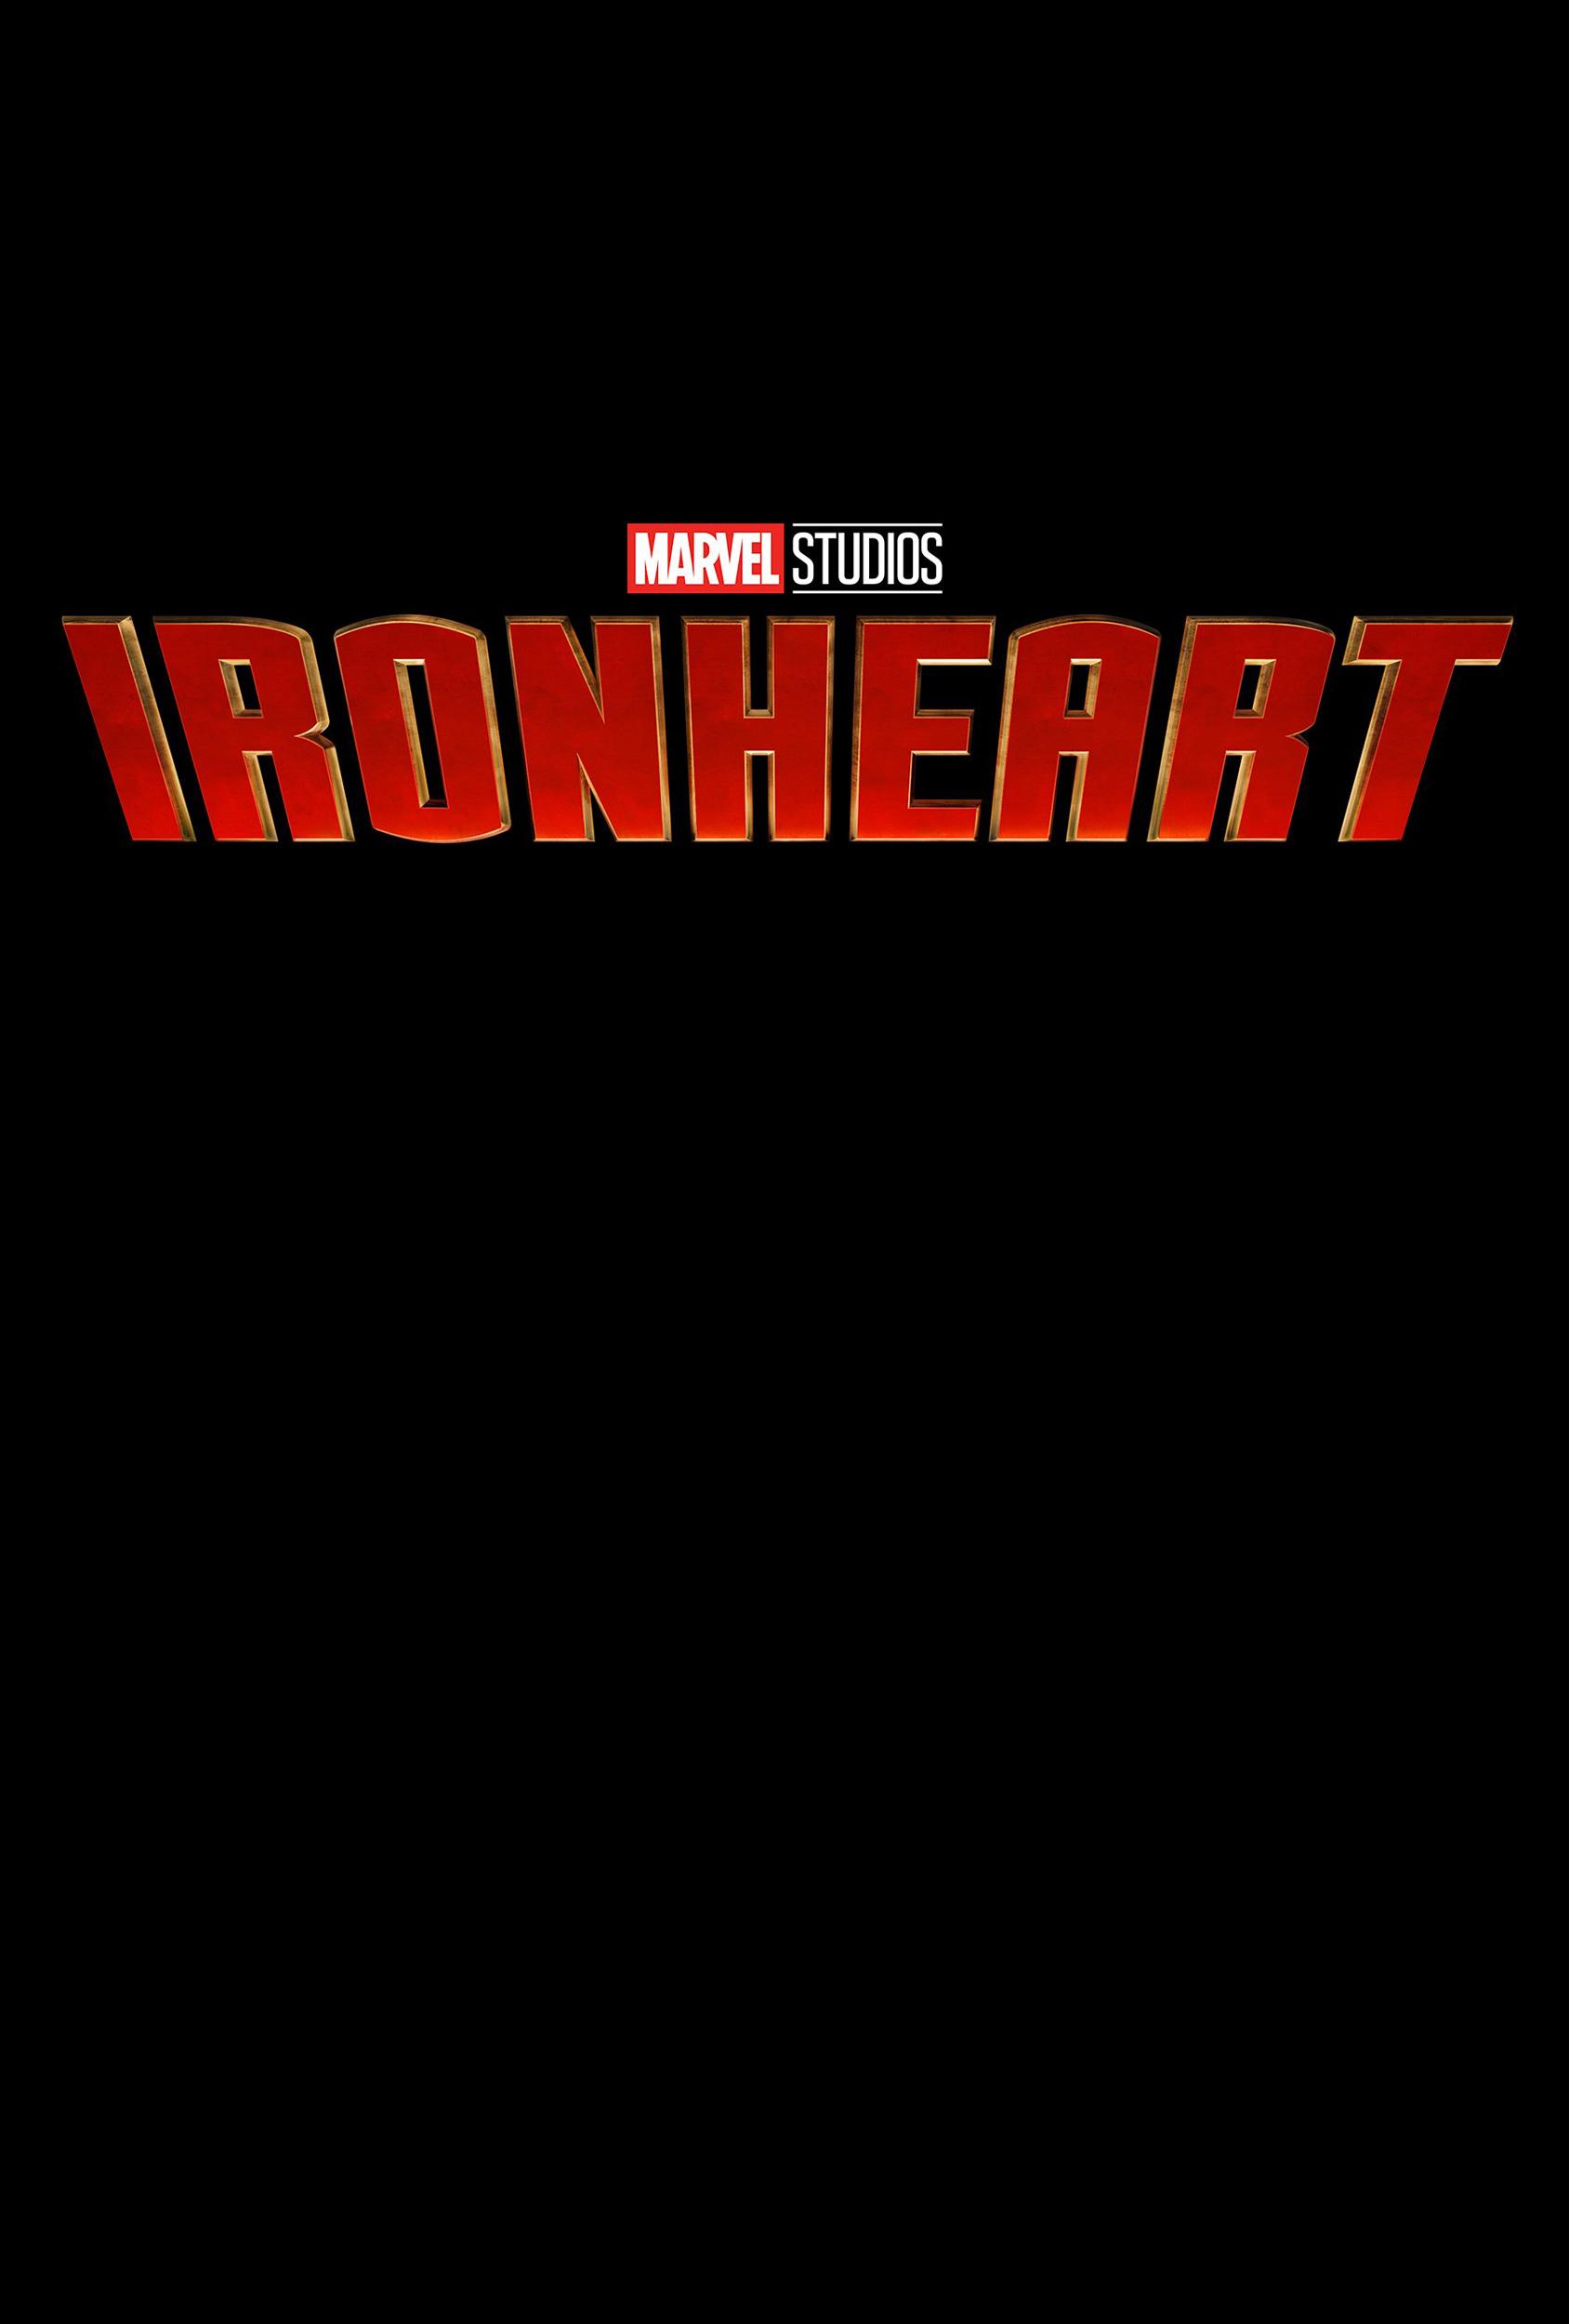 Affiche Ironheart